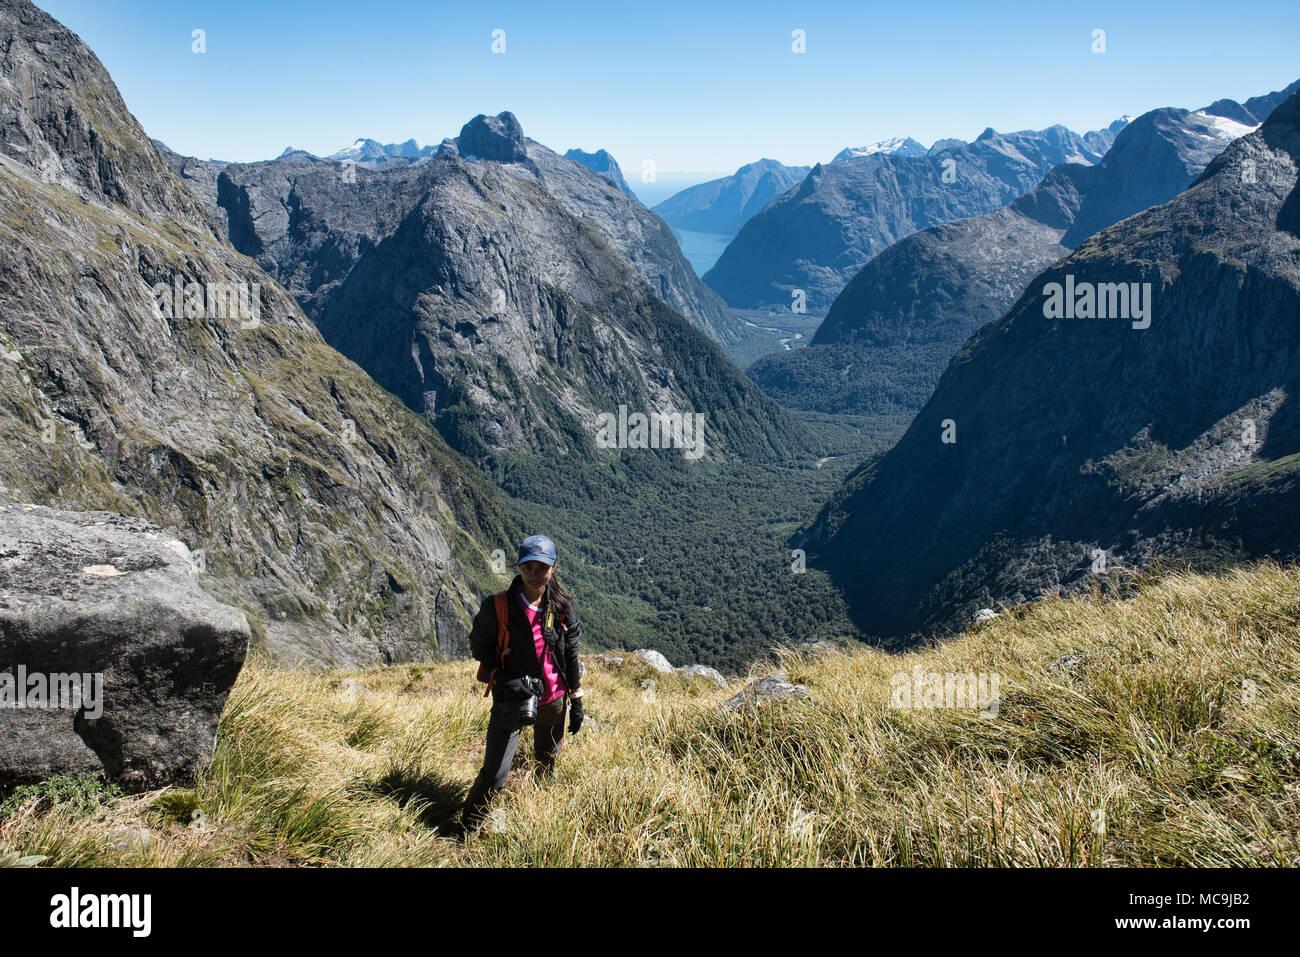 Des vues incroyables de la Gertrude Saddle, Fjordland, Nouvelle-Zélande Photo Stock